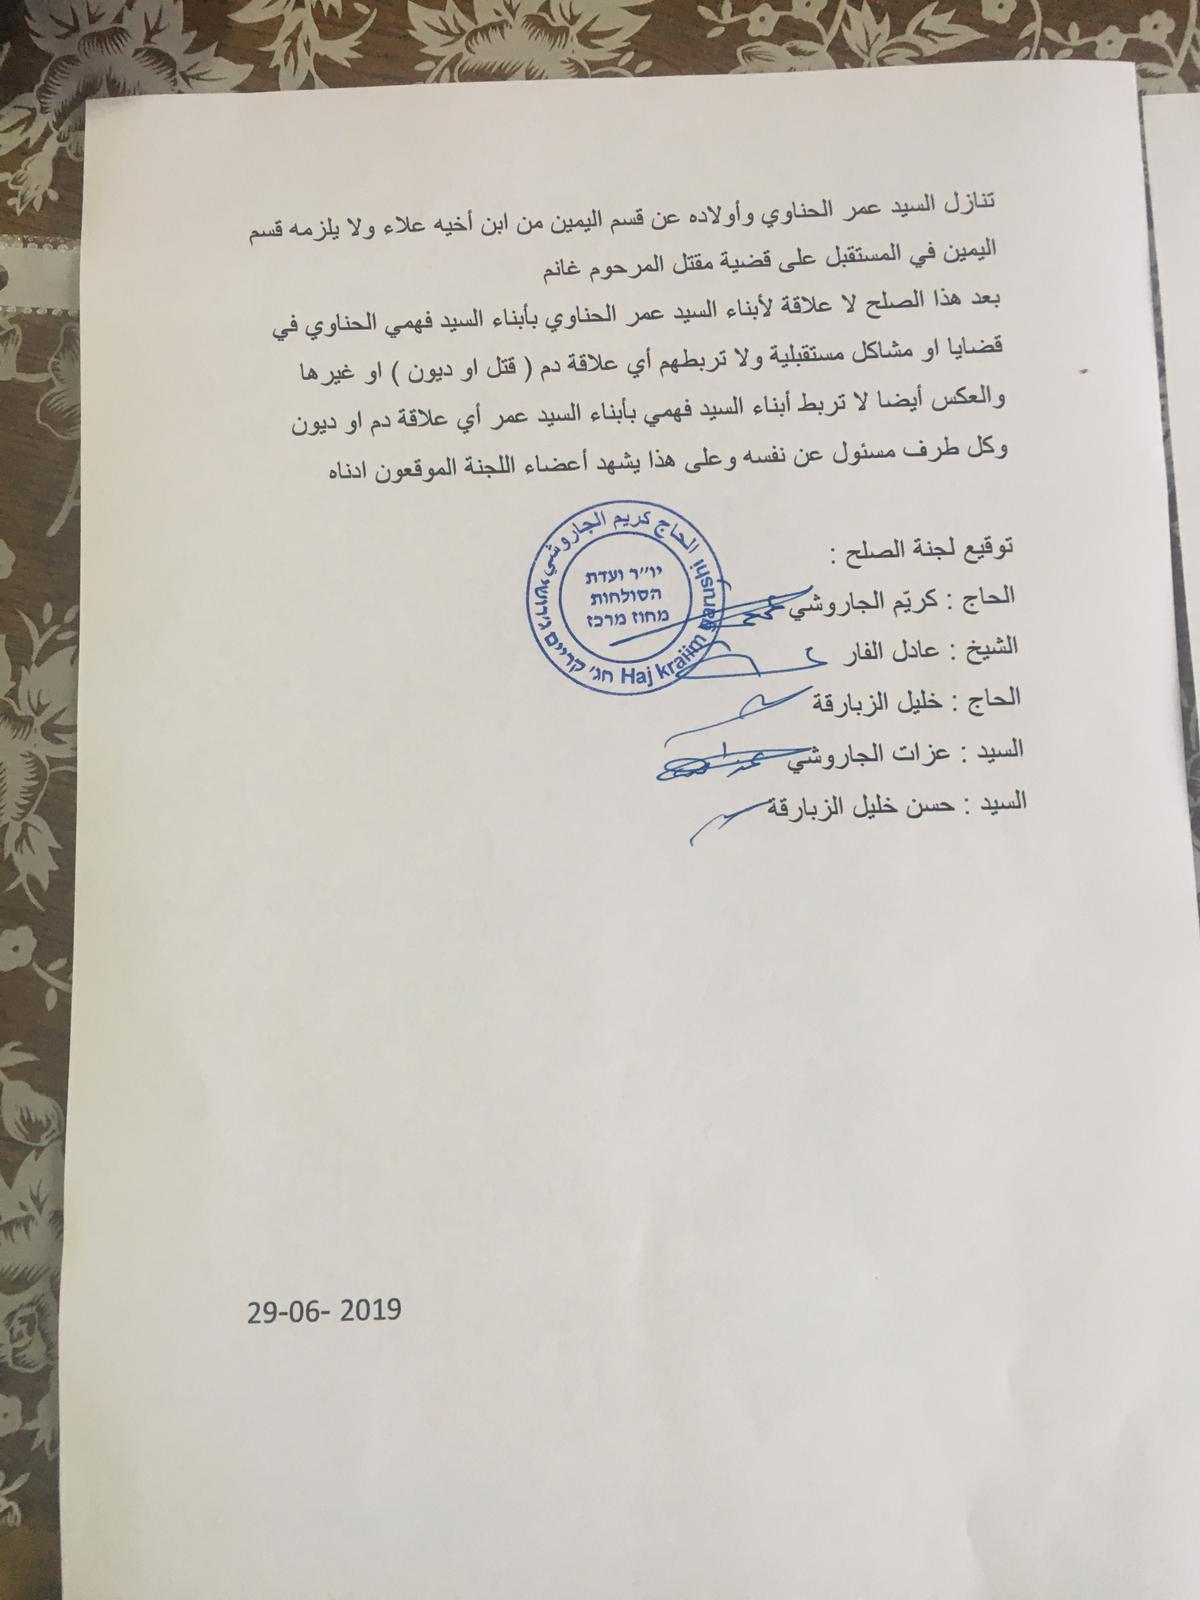 اللد : عقد راية الصلح بين أبناء العم من عائلة حناوي وطيّ صفحة الخلاف